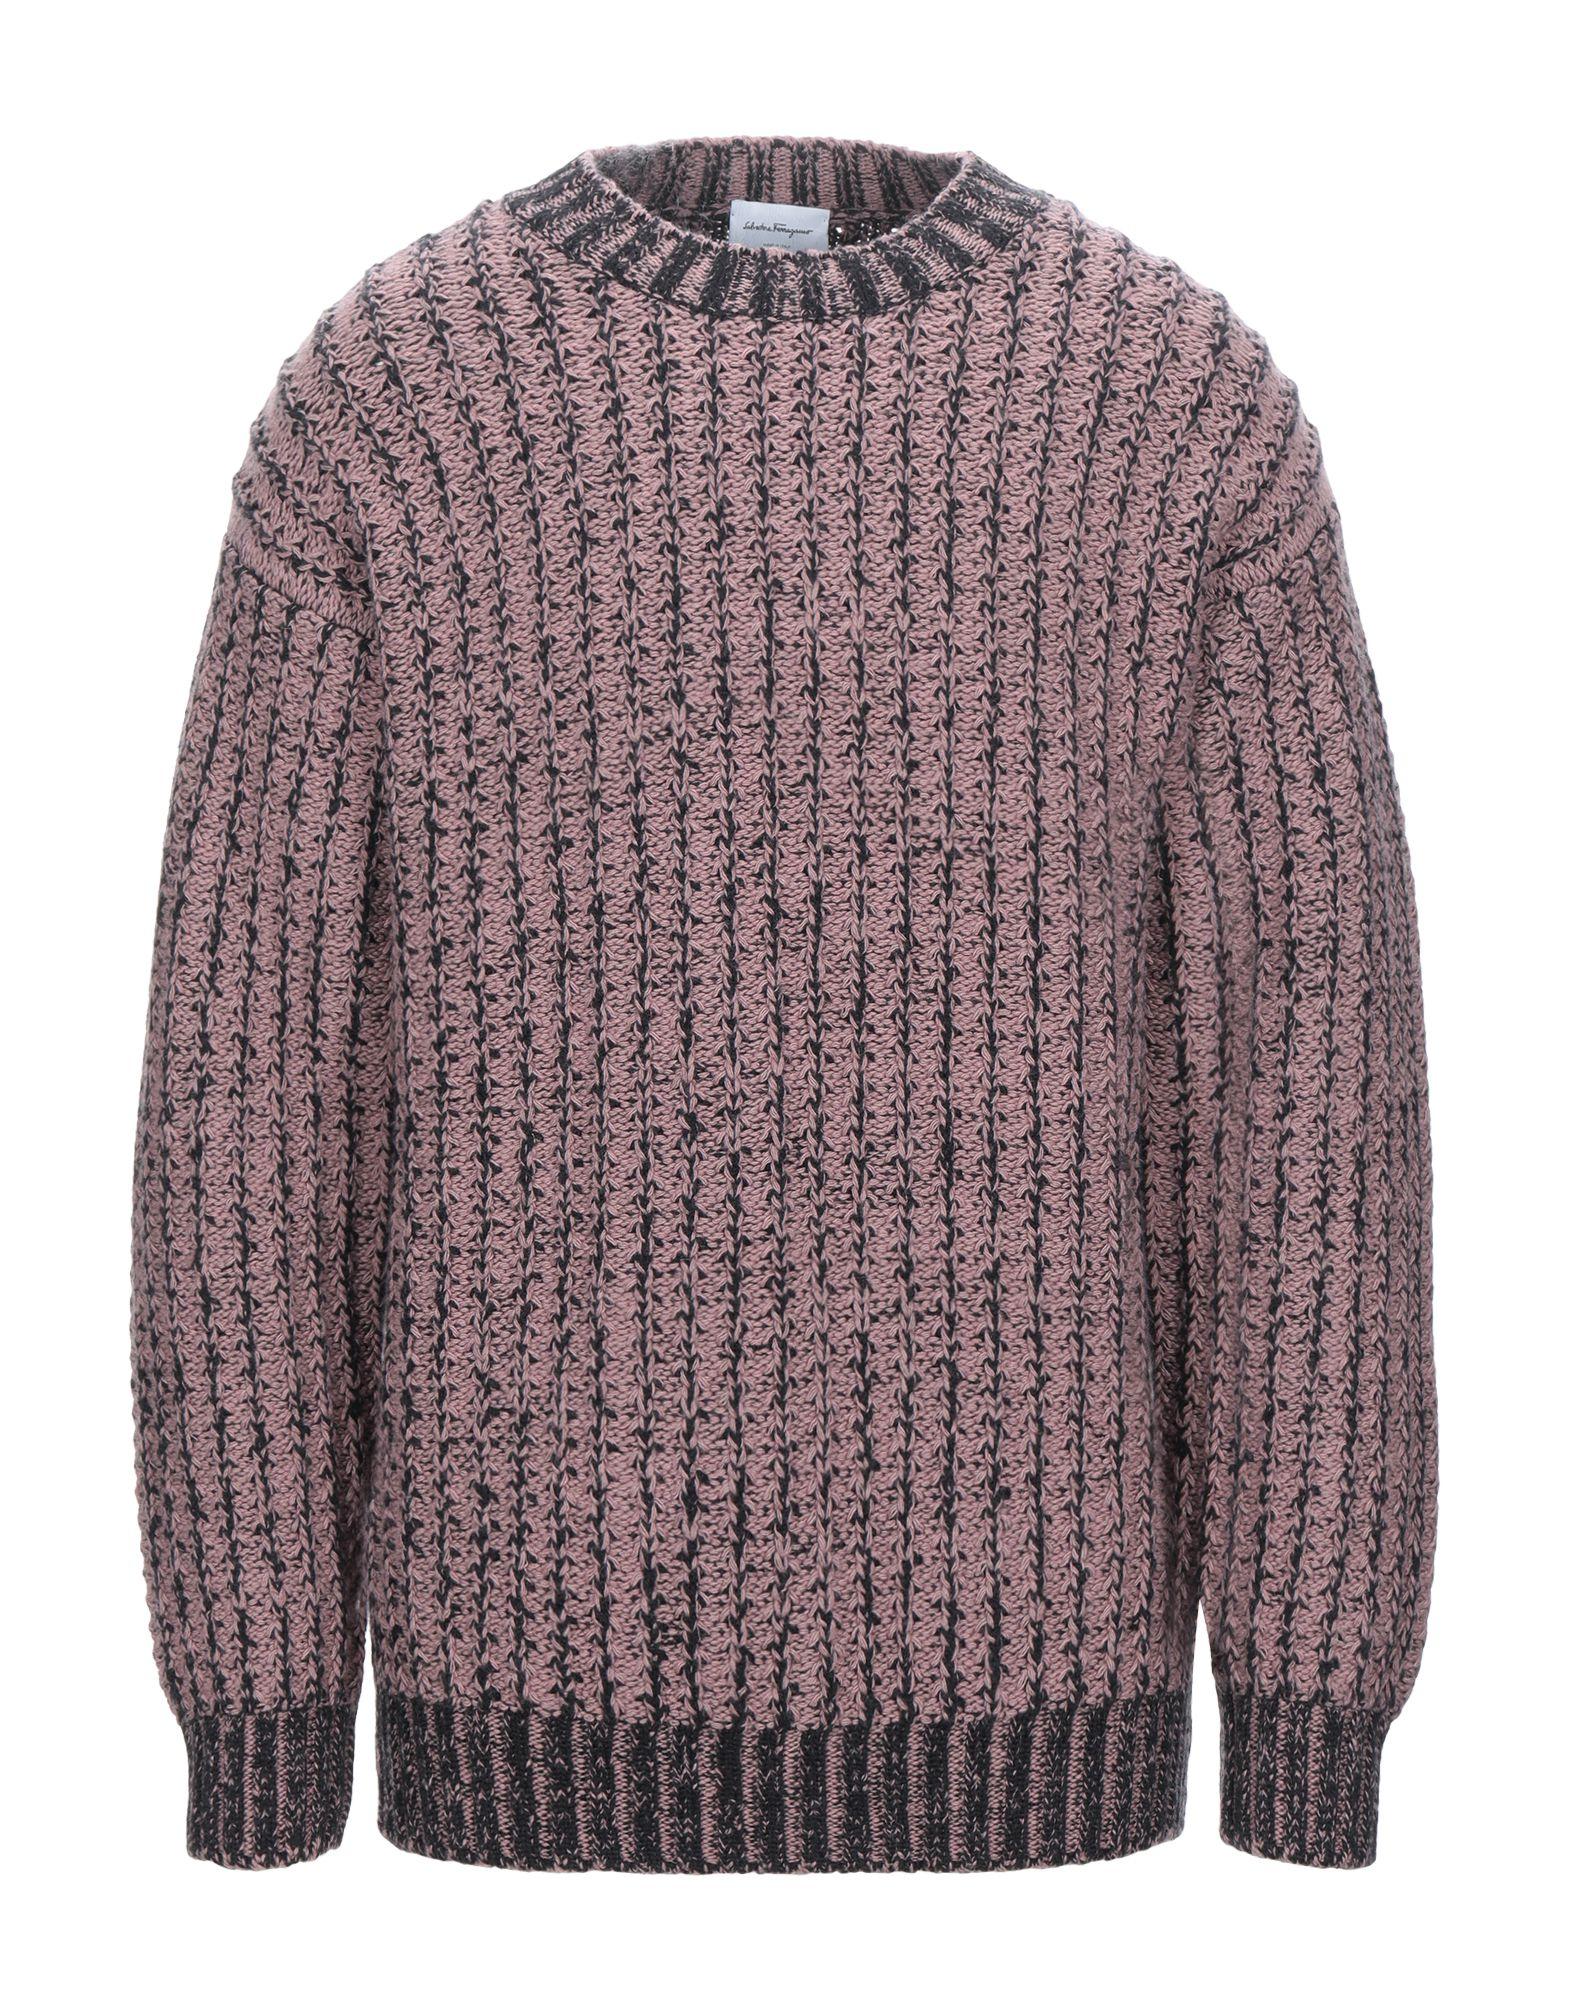 SALVATORE FERRAGAMO Sweaters - Item 14077226